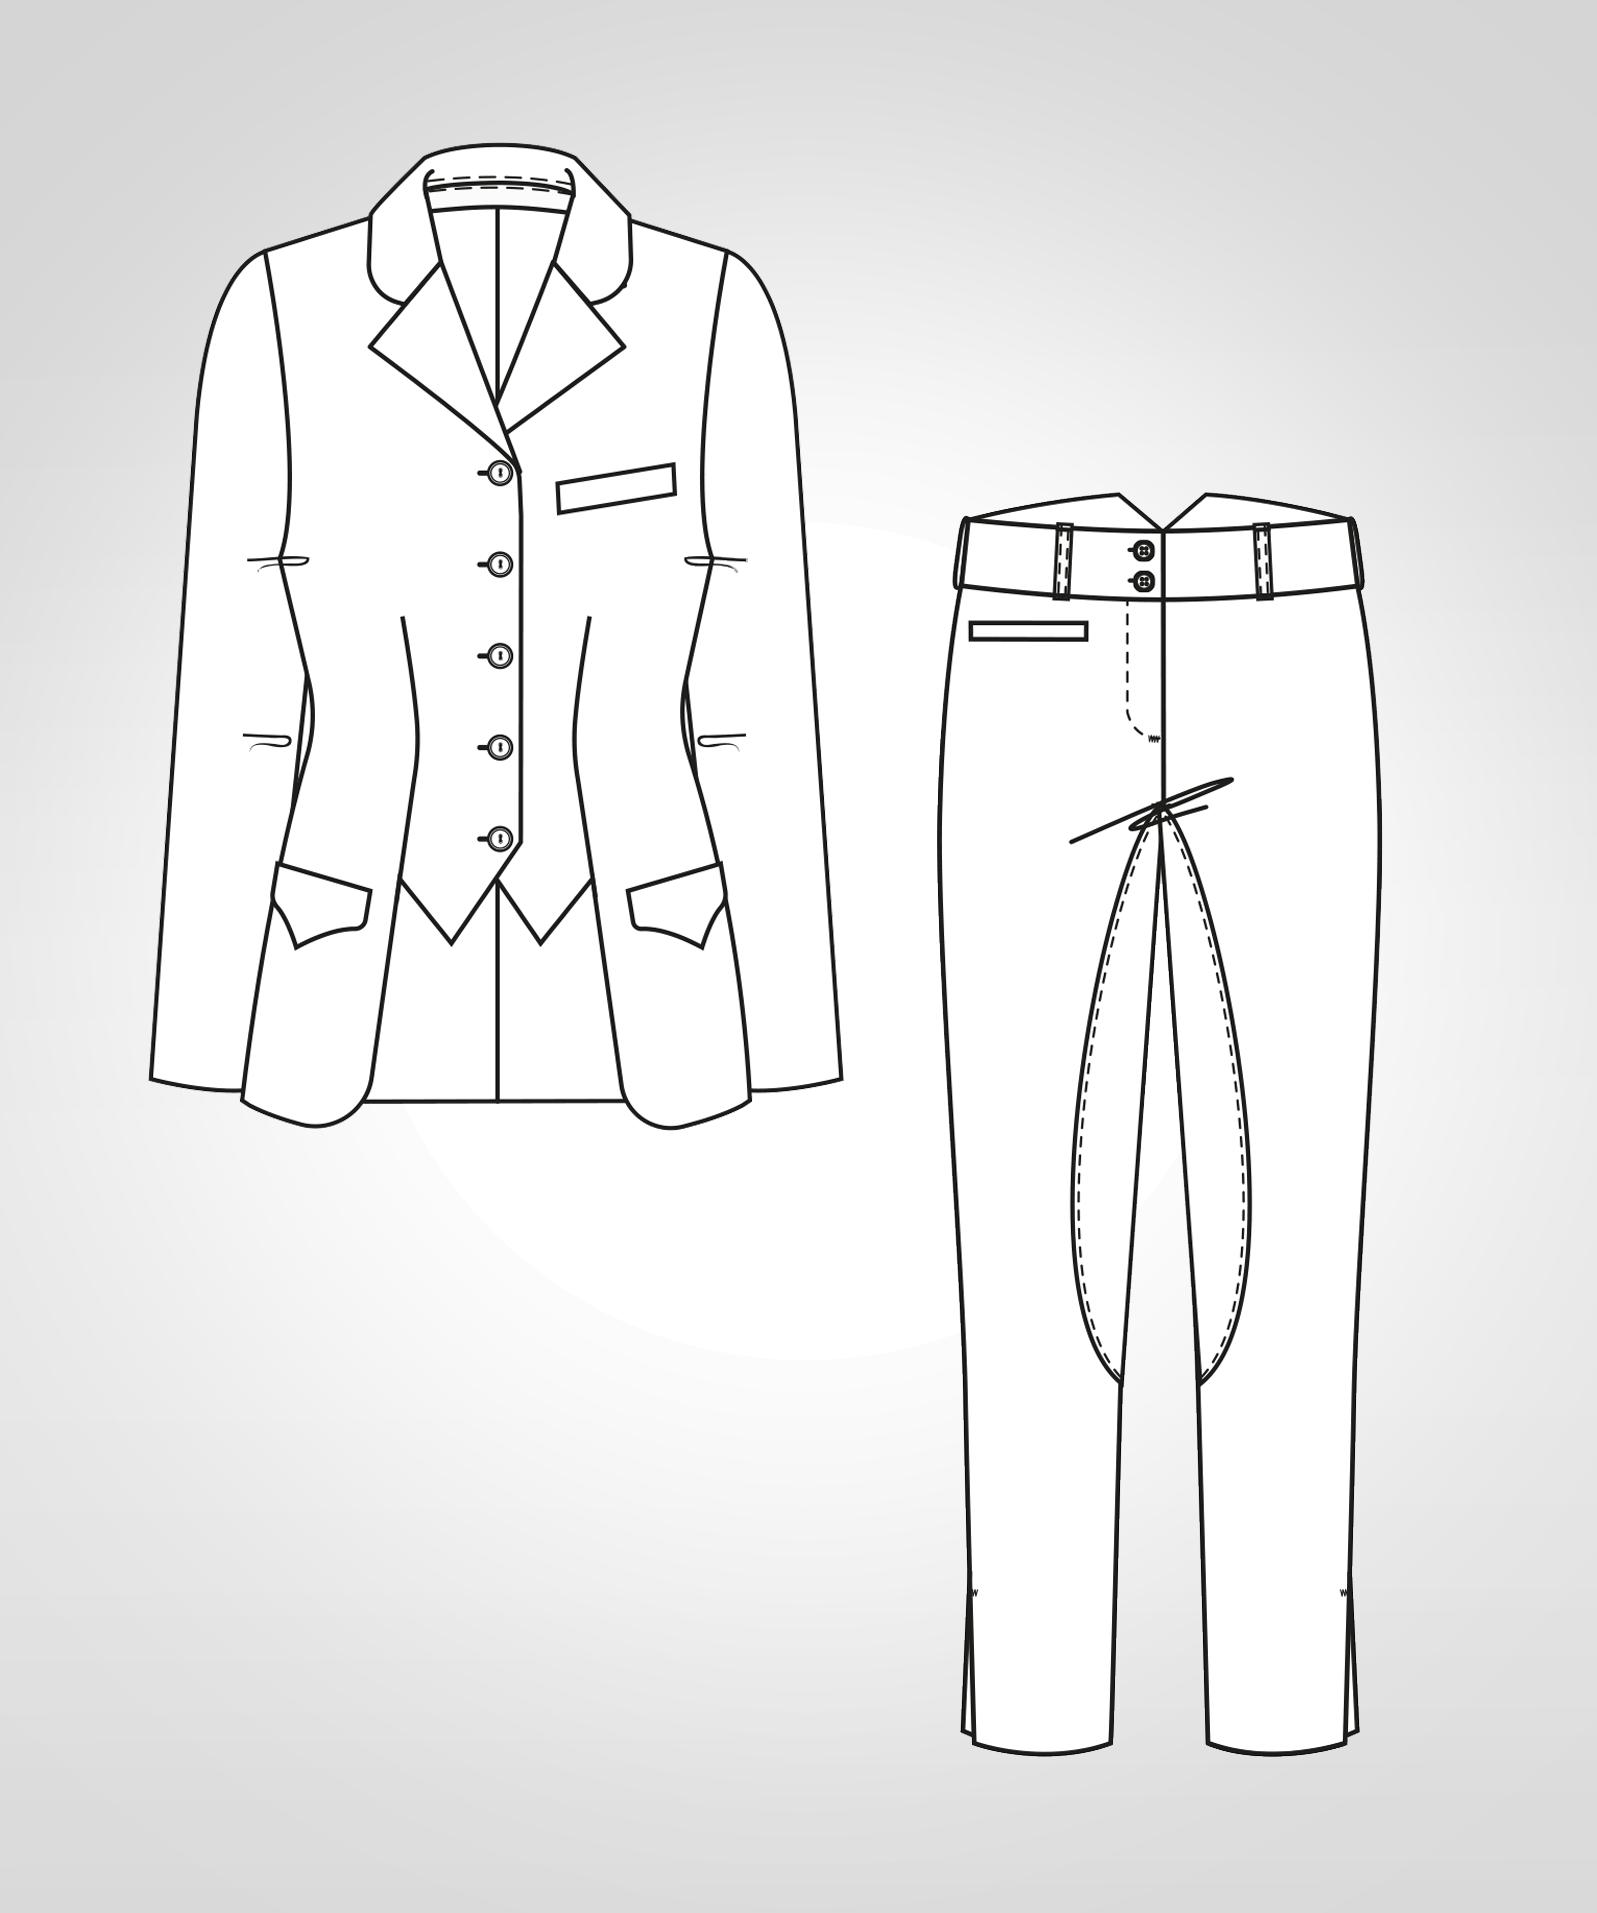 Diese Abbildung zeigt die Vorder- und Rückansicht einer technischen Zeichnung von einer Reitjacke und Reithose. Sie dient als Vorlage für ein Schnittmuster auf einem Schnittmusterbogen von Müller und Sohn.